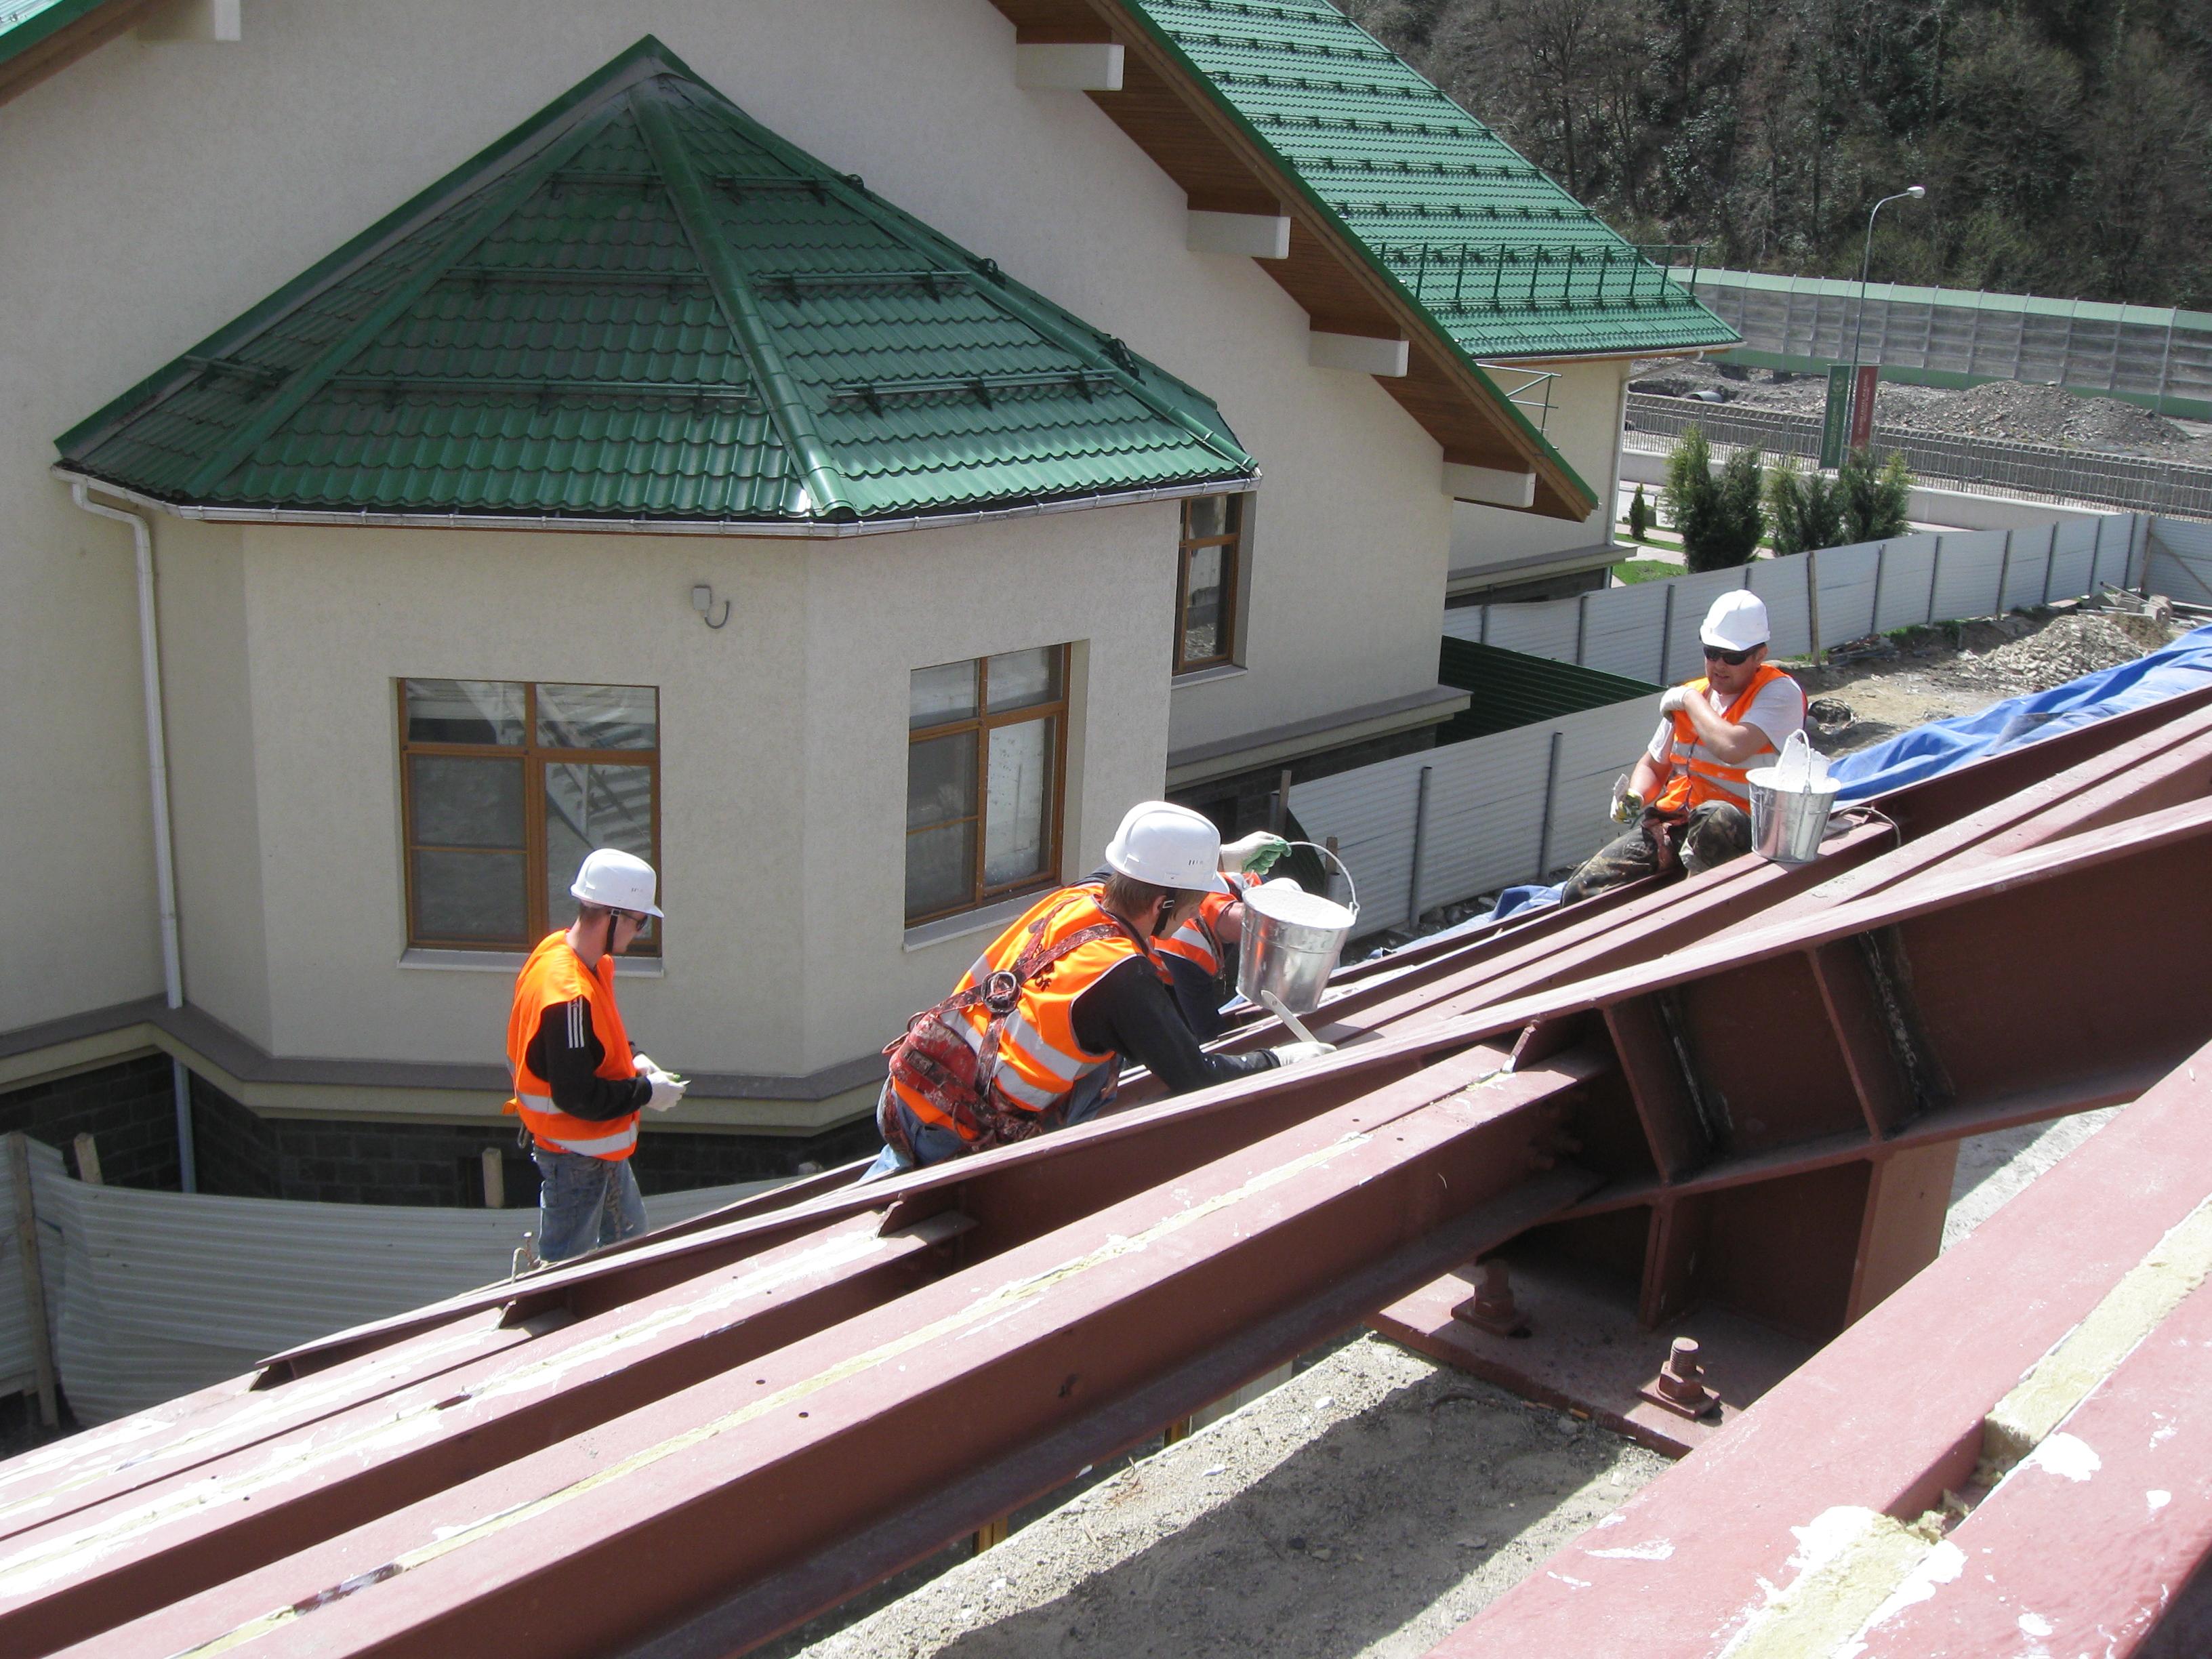 закрытый плавательный бассейн работа по зачеканке проемов, Красная Поляна, Сочи